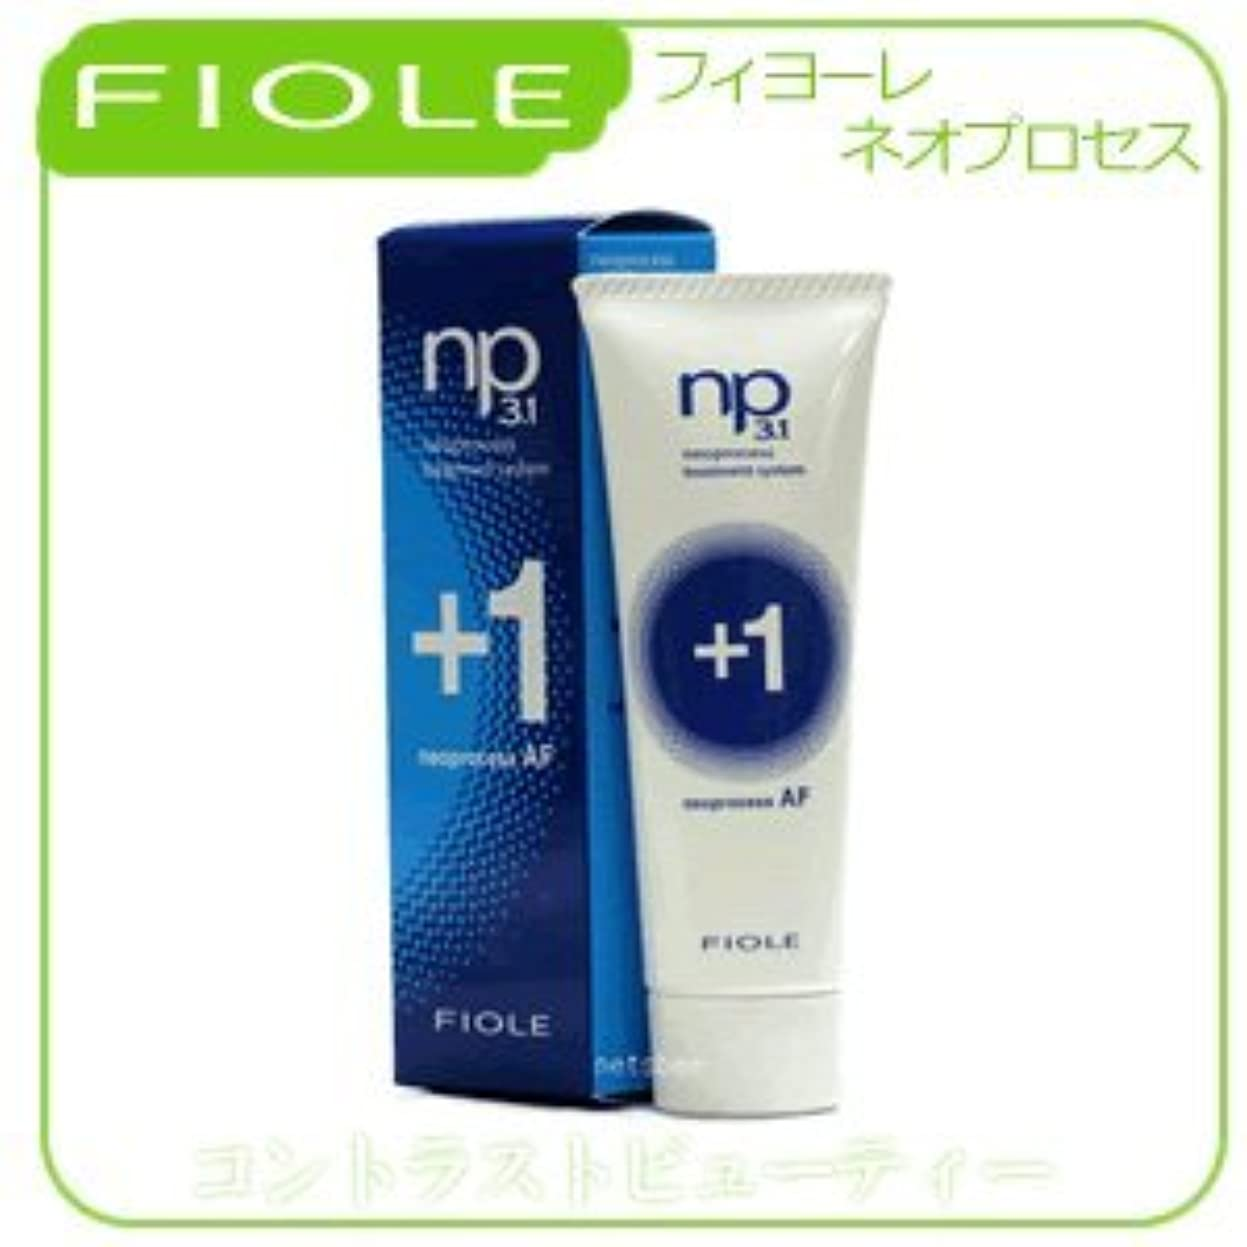 落ちたマットレス些細な【X4個セット】 フィヨーレ NP3.1 ネオプロセス AFプラス1 240g FIOLE ネオプロセス